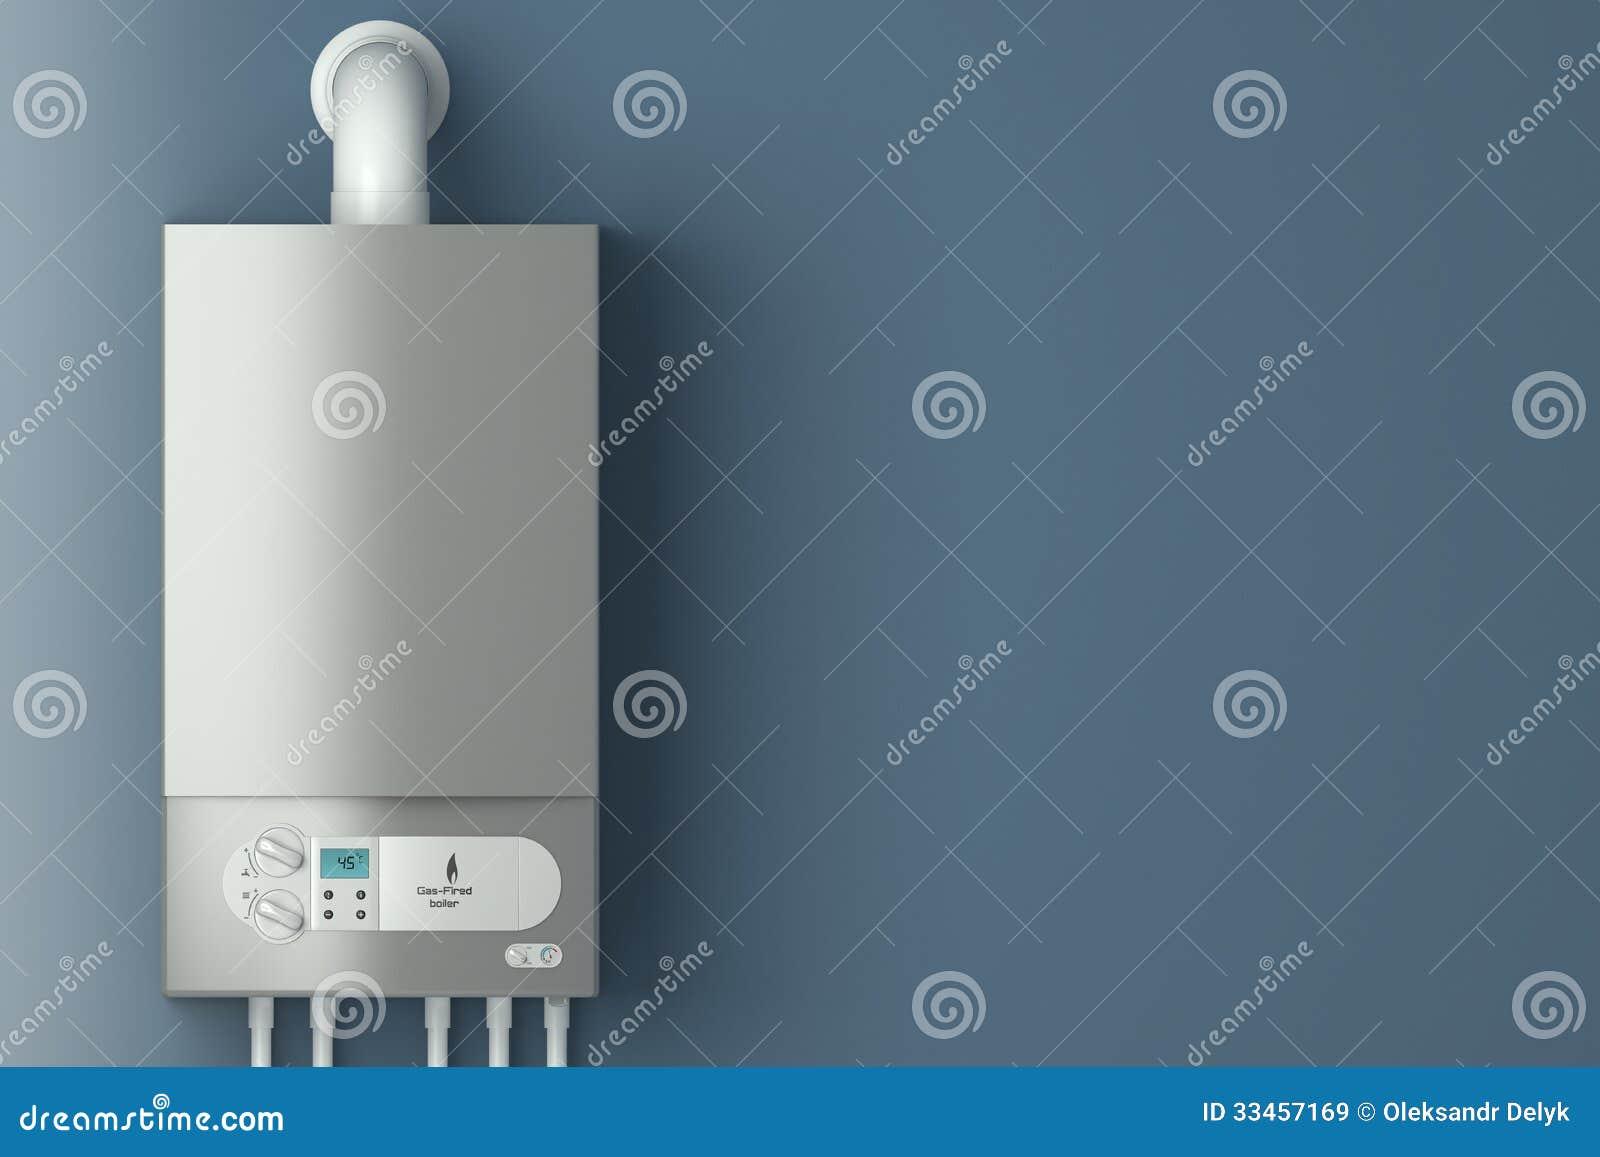 Caldera de gas casera. La instalación del equipo del gas.